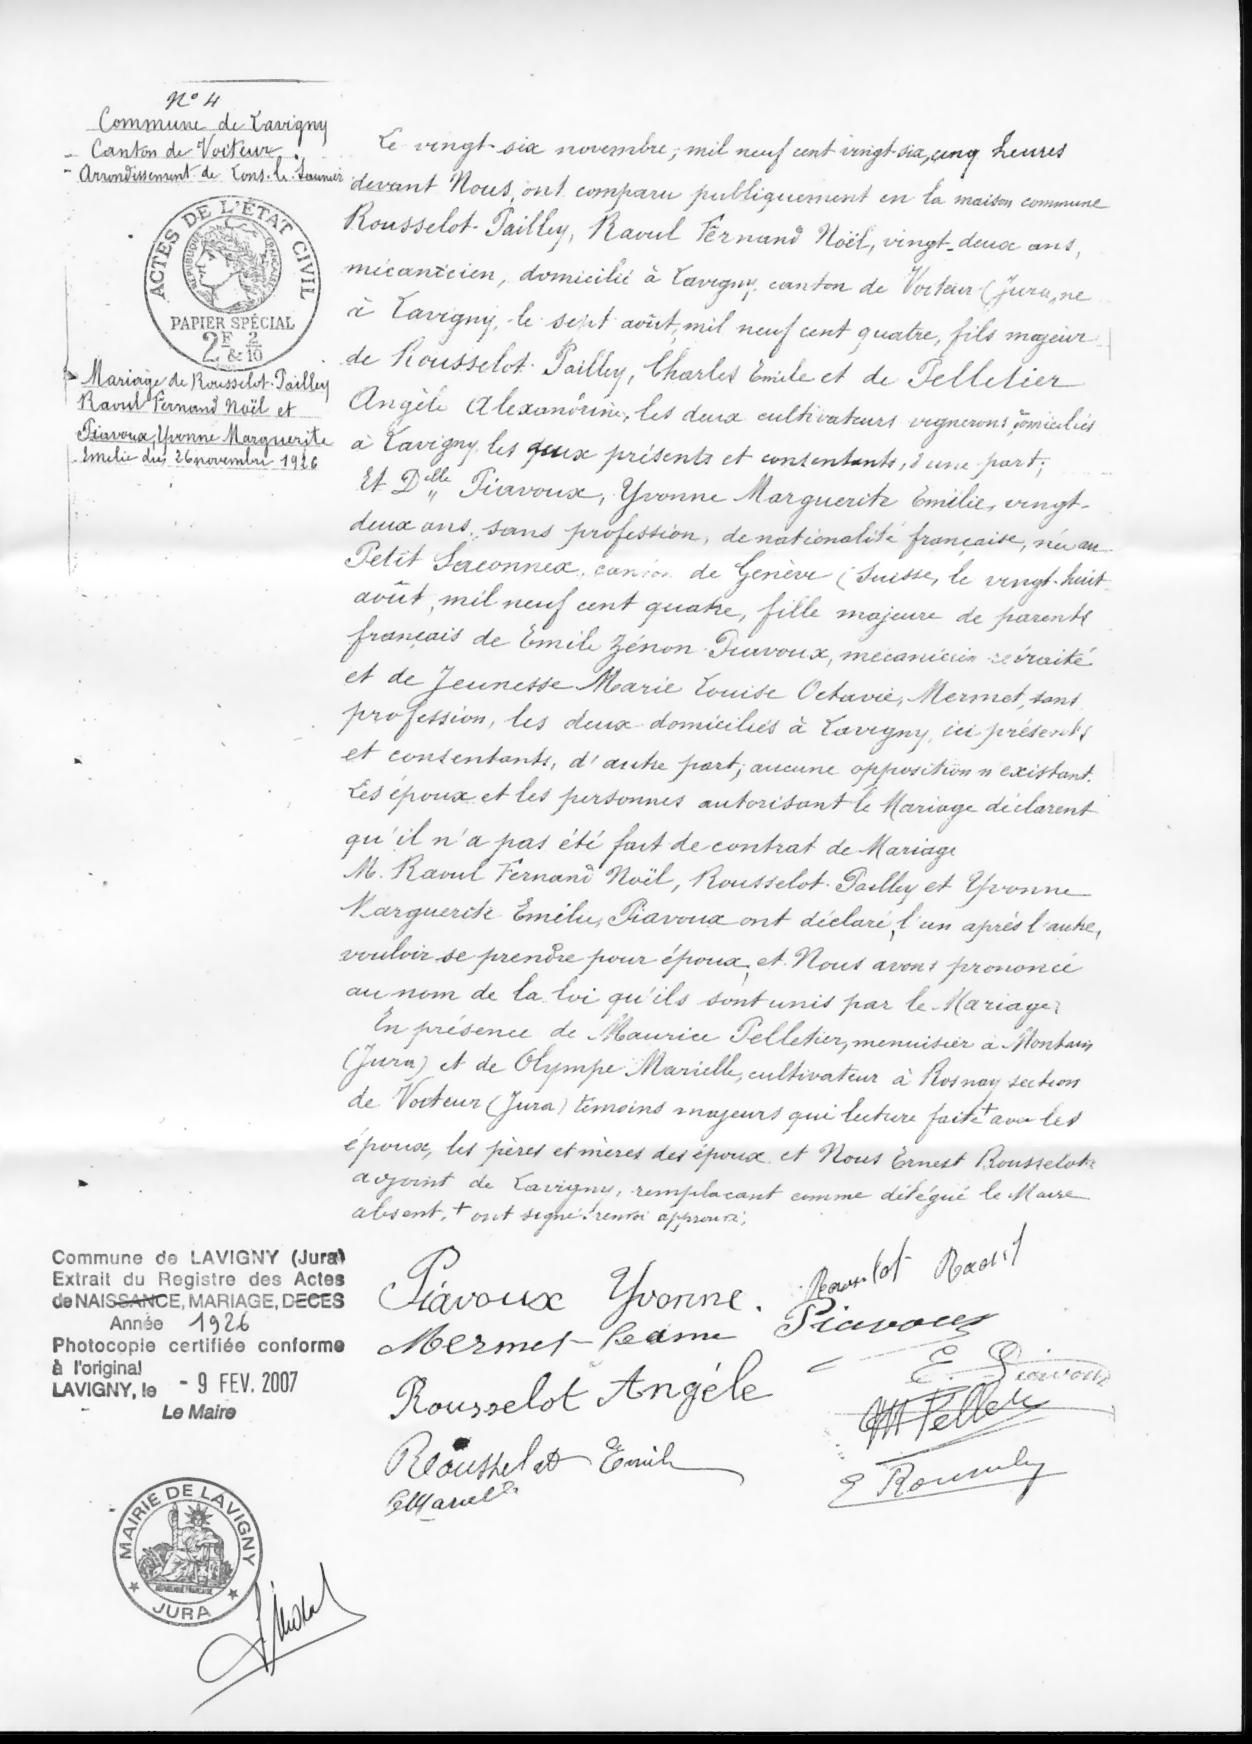 x 1826 ROUSSELOT-PAILLEY Raoul Fernand & PIAVOUX Yvonne